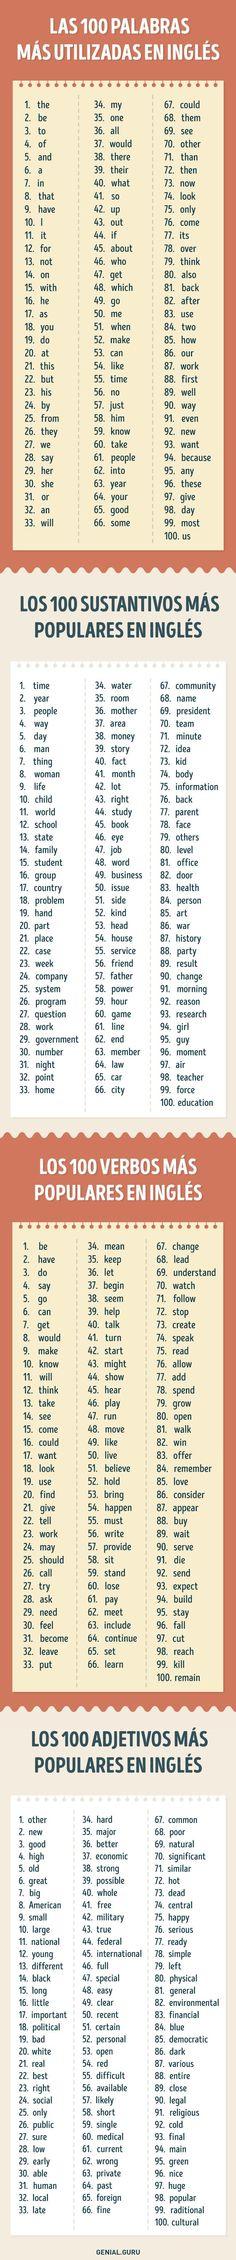 Descubre las 400 palabras más usadas en el idioma inglés. Y perfección tus conocimientos de este idioma tan fascinante.